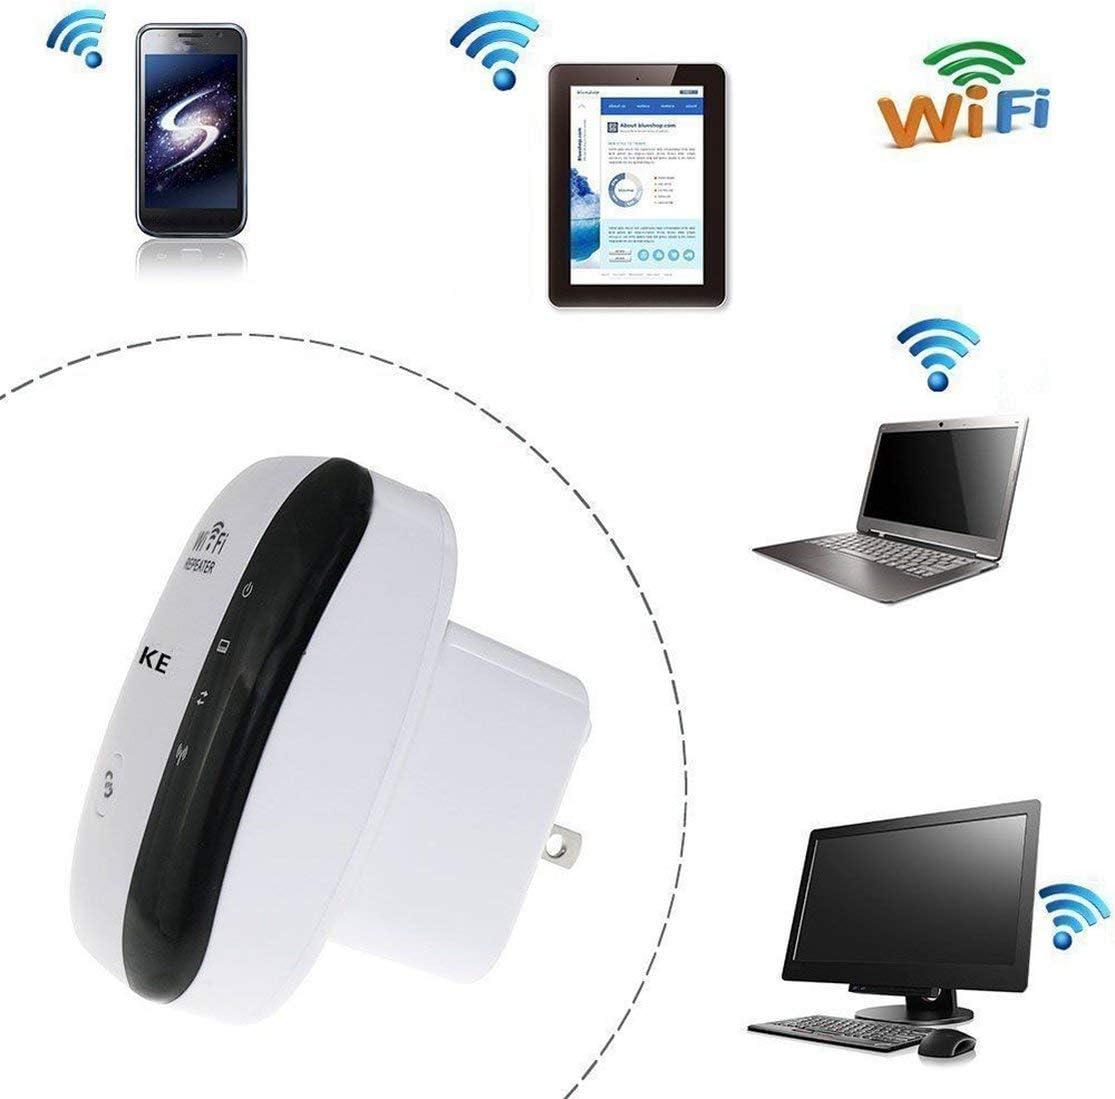 b//g//n Extensor de Red Amplificador de Enchufe de Pared Dise/ño Amplificador de se/ñal WiFi para Ministerio del Interior LouiseEvel215 300 M repetidor WiFi 802.11a